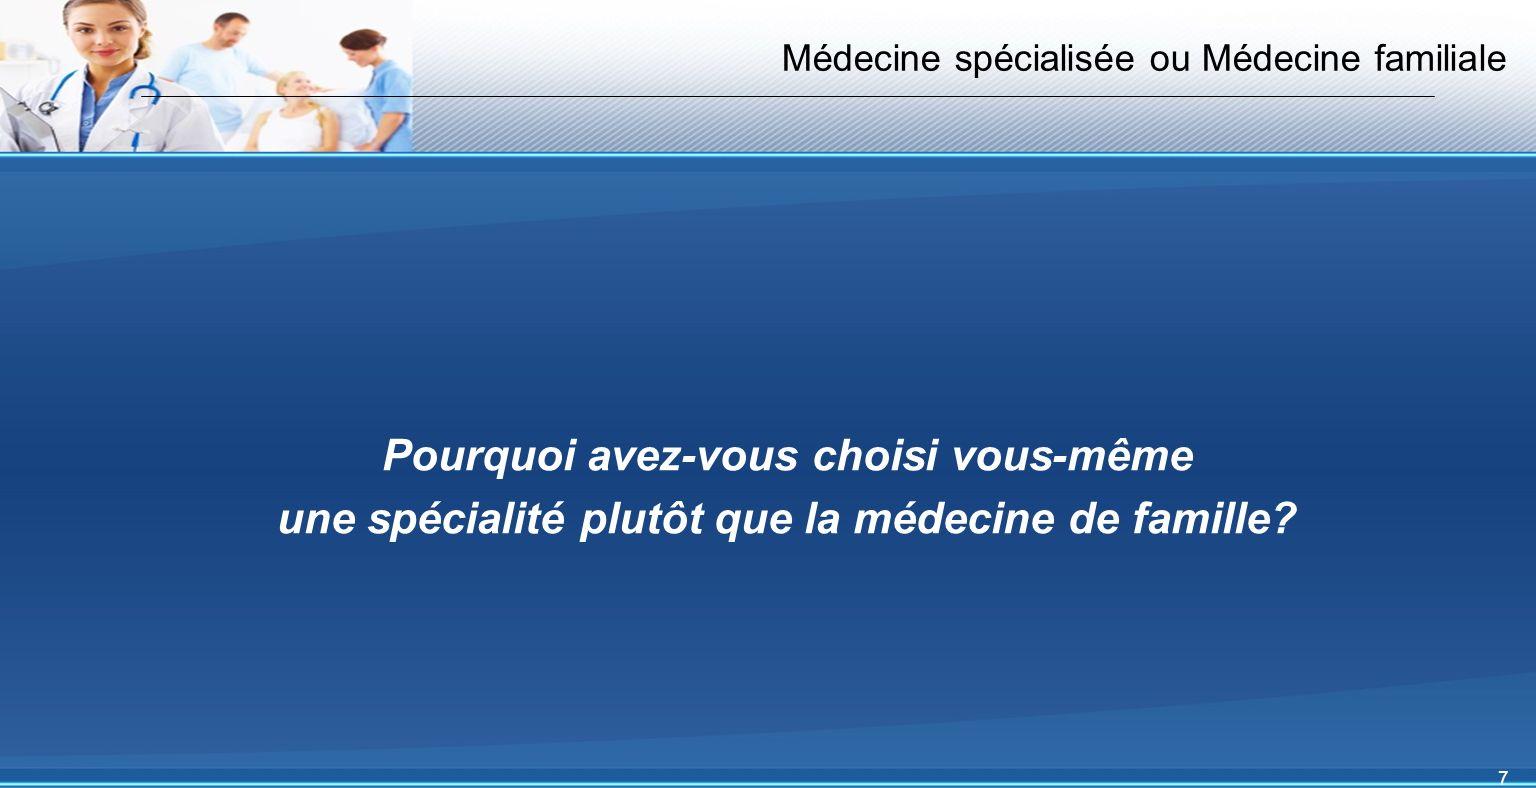 7 Médecine spécialisée ou Médecine familiale Pourquoi avez-vous choisi vous-même une spécialité plutôt que la médecine de famille?